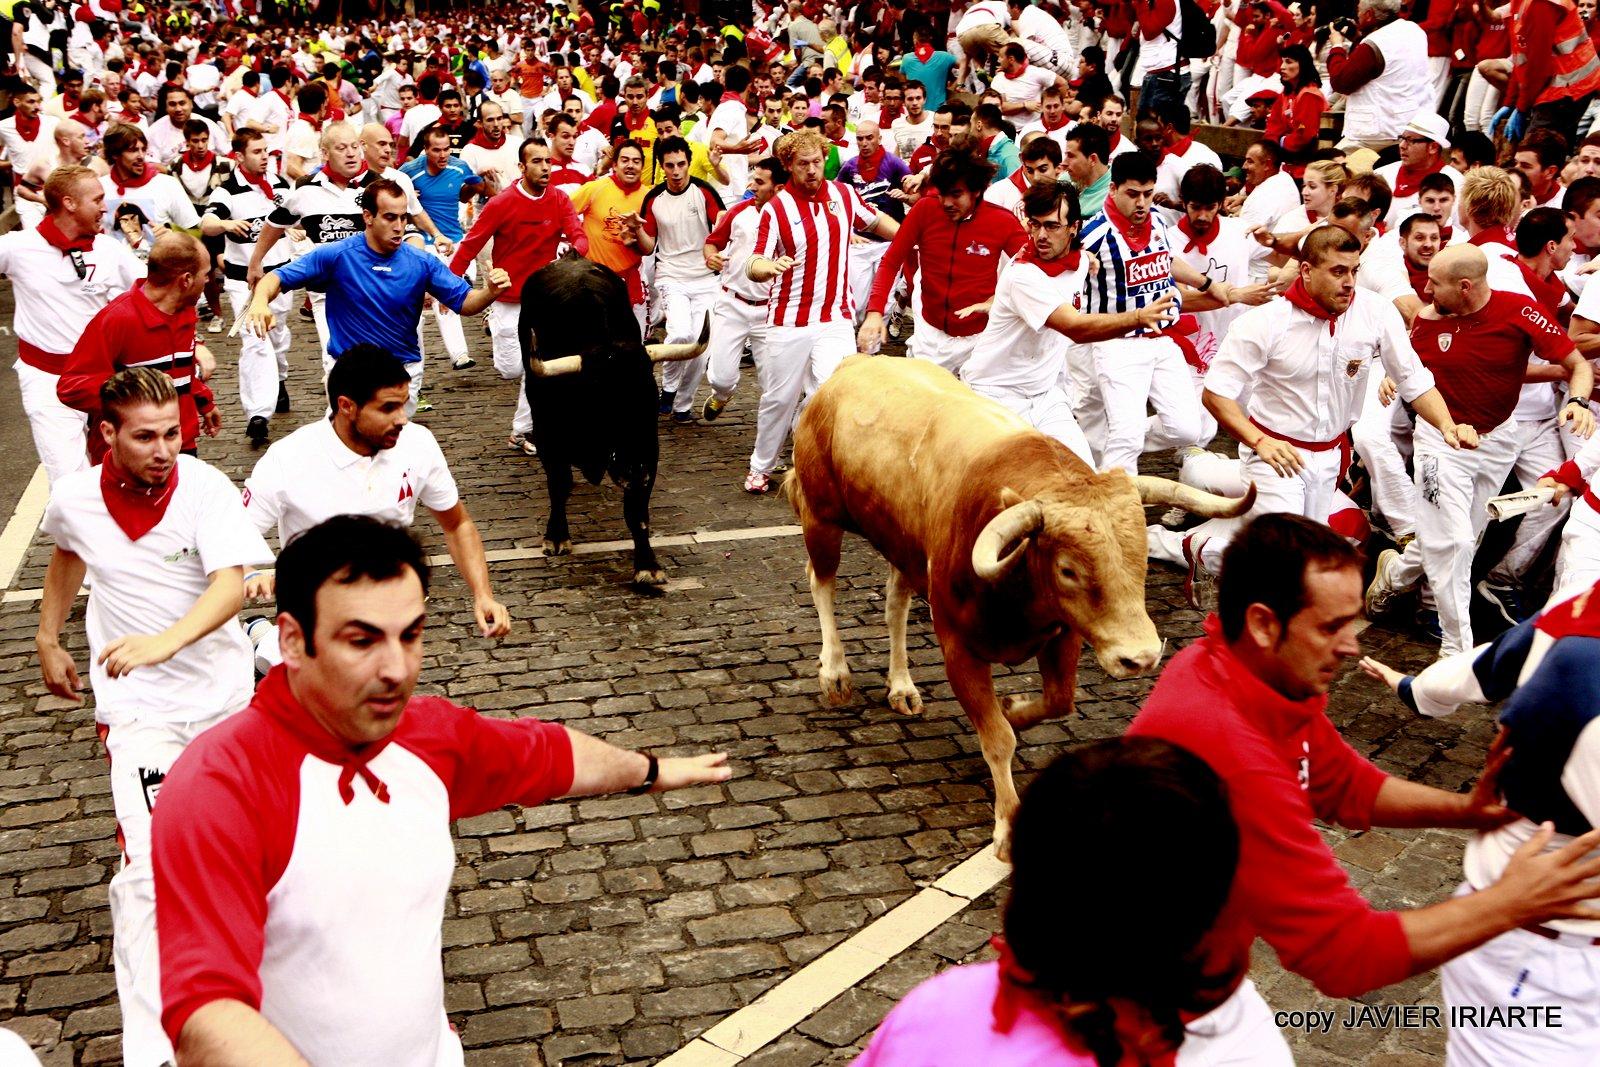 Encierro 07/07/12. Javier Iriarte